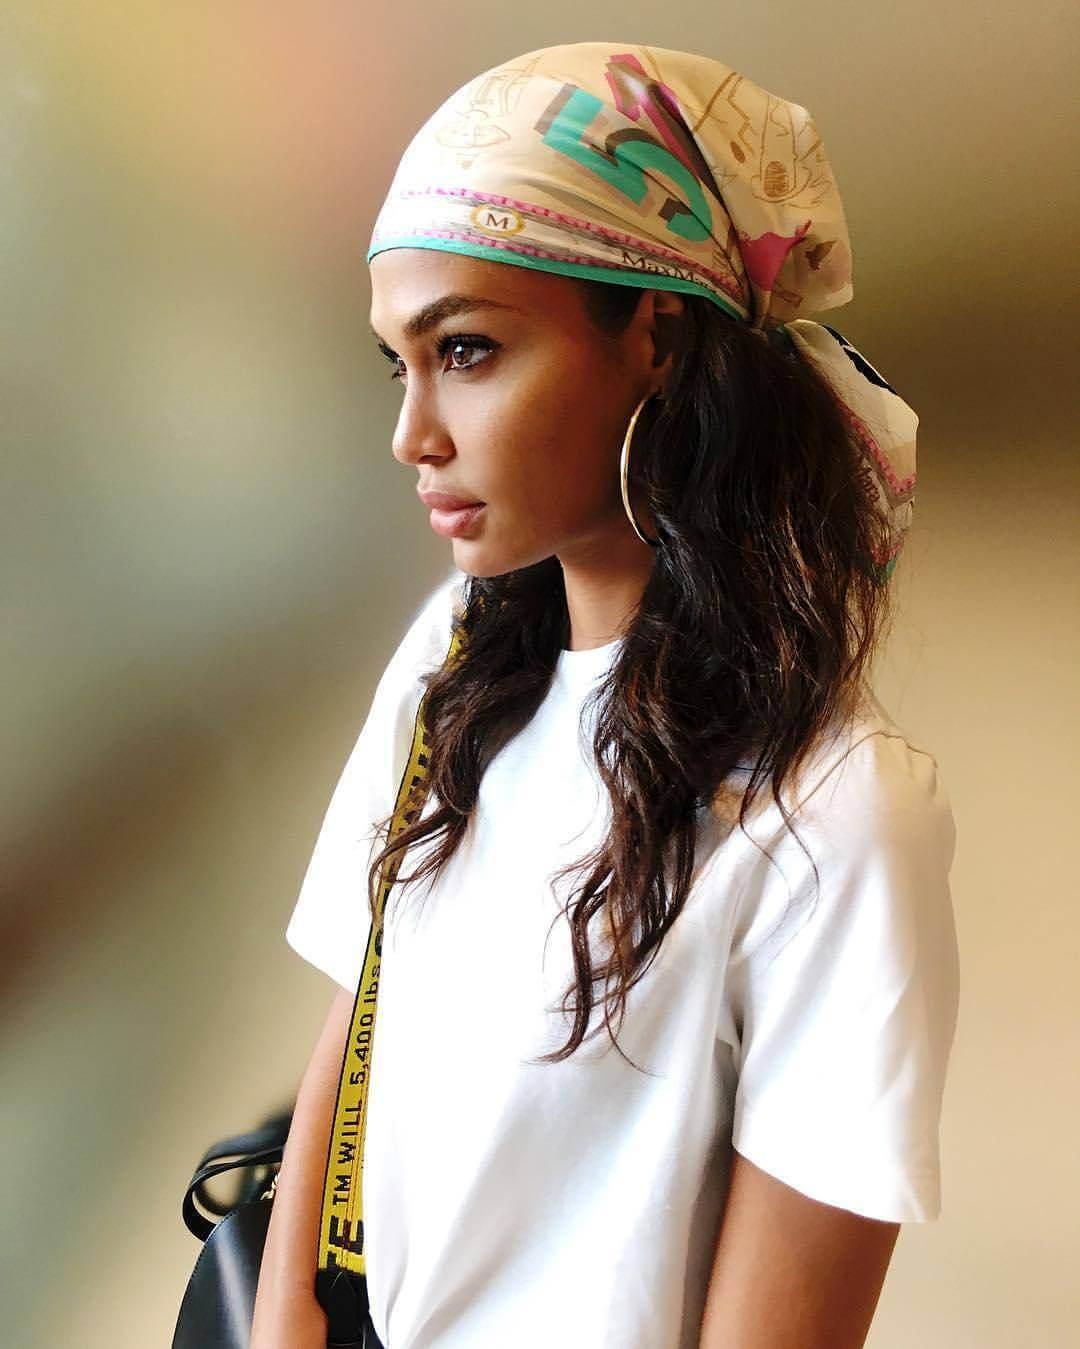 foulard sui capelli con nodo dietro